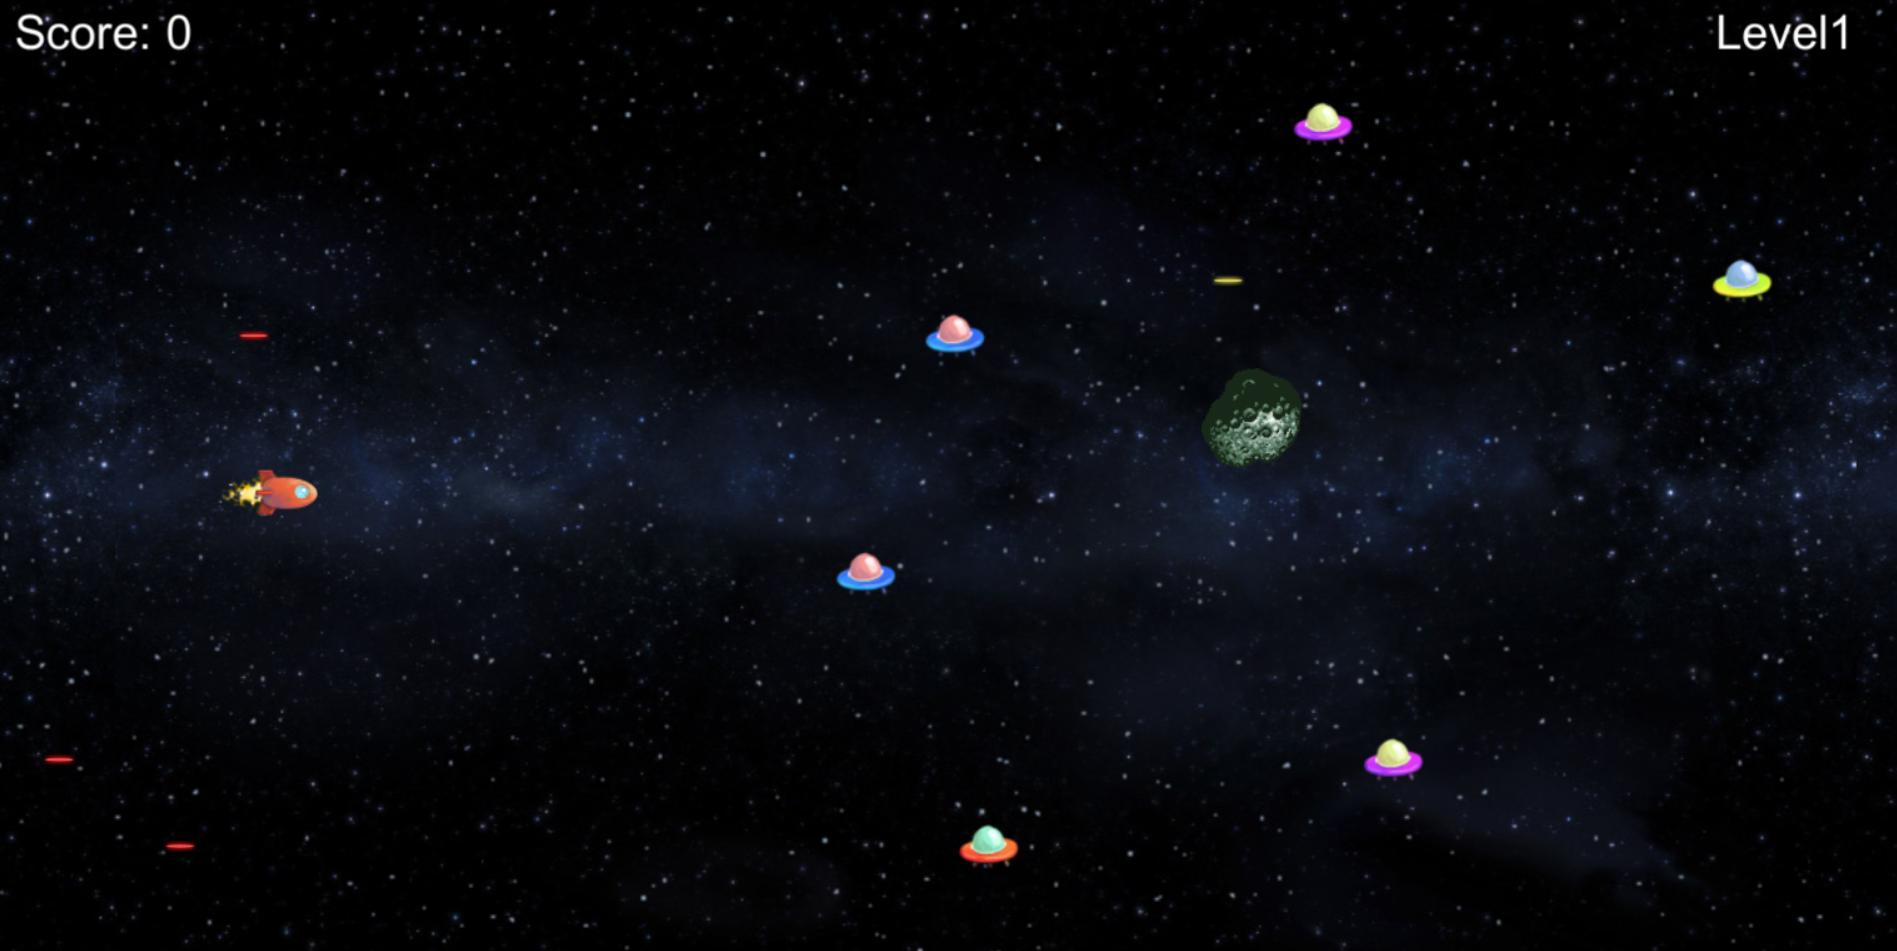 SpaceShip Unity